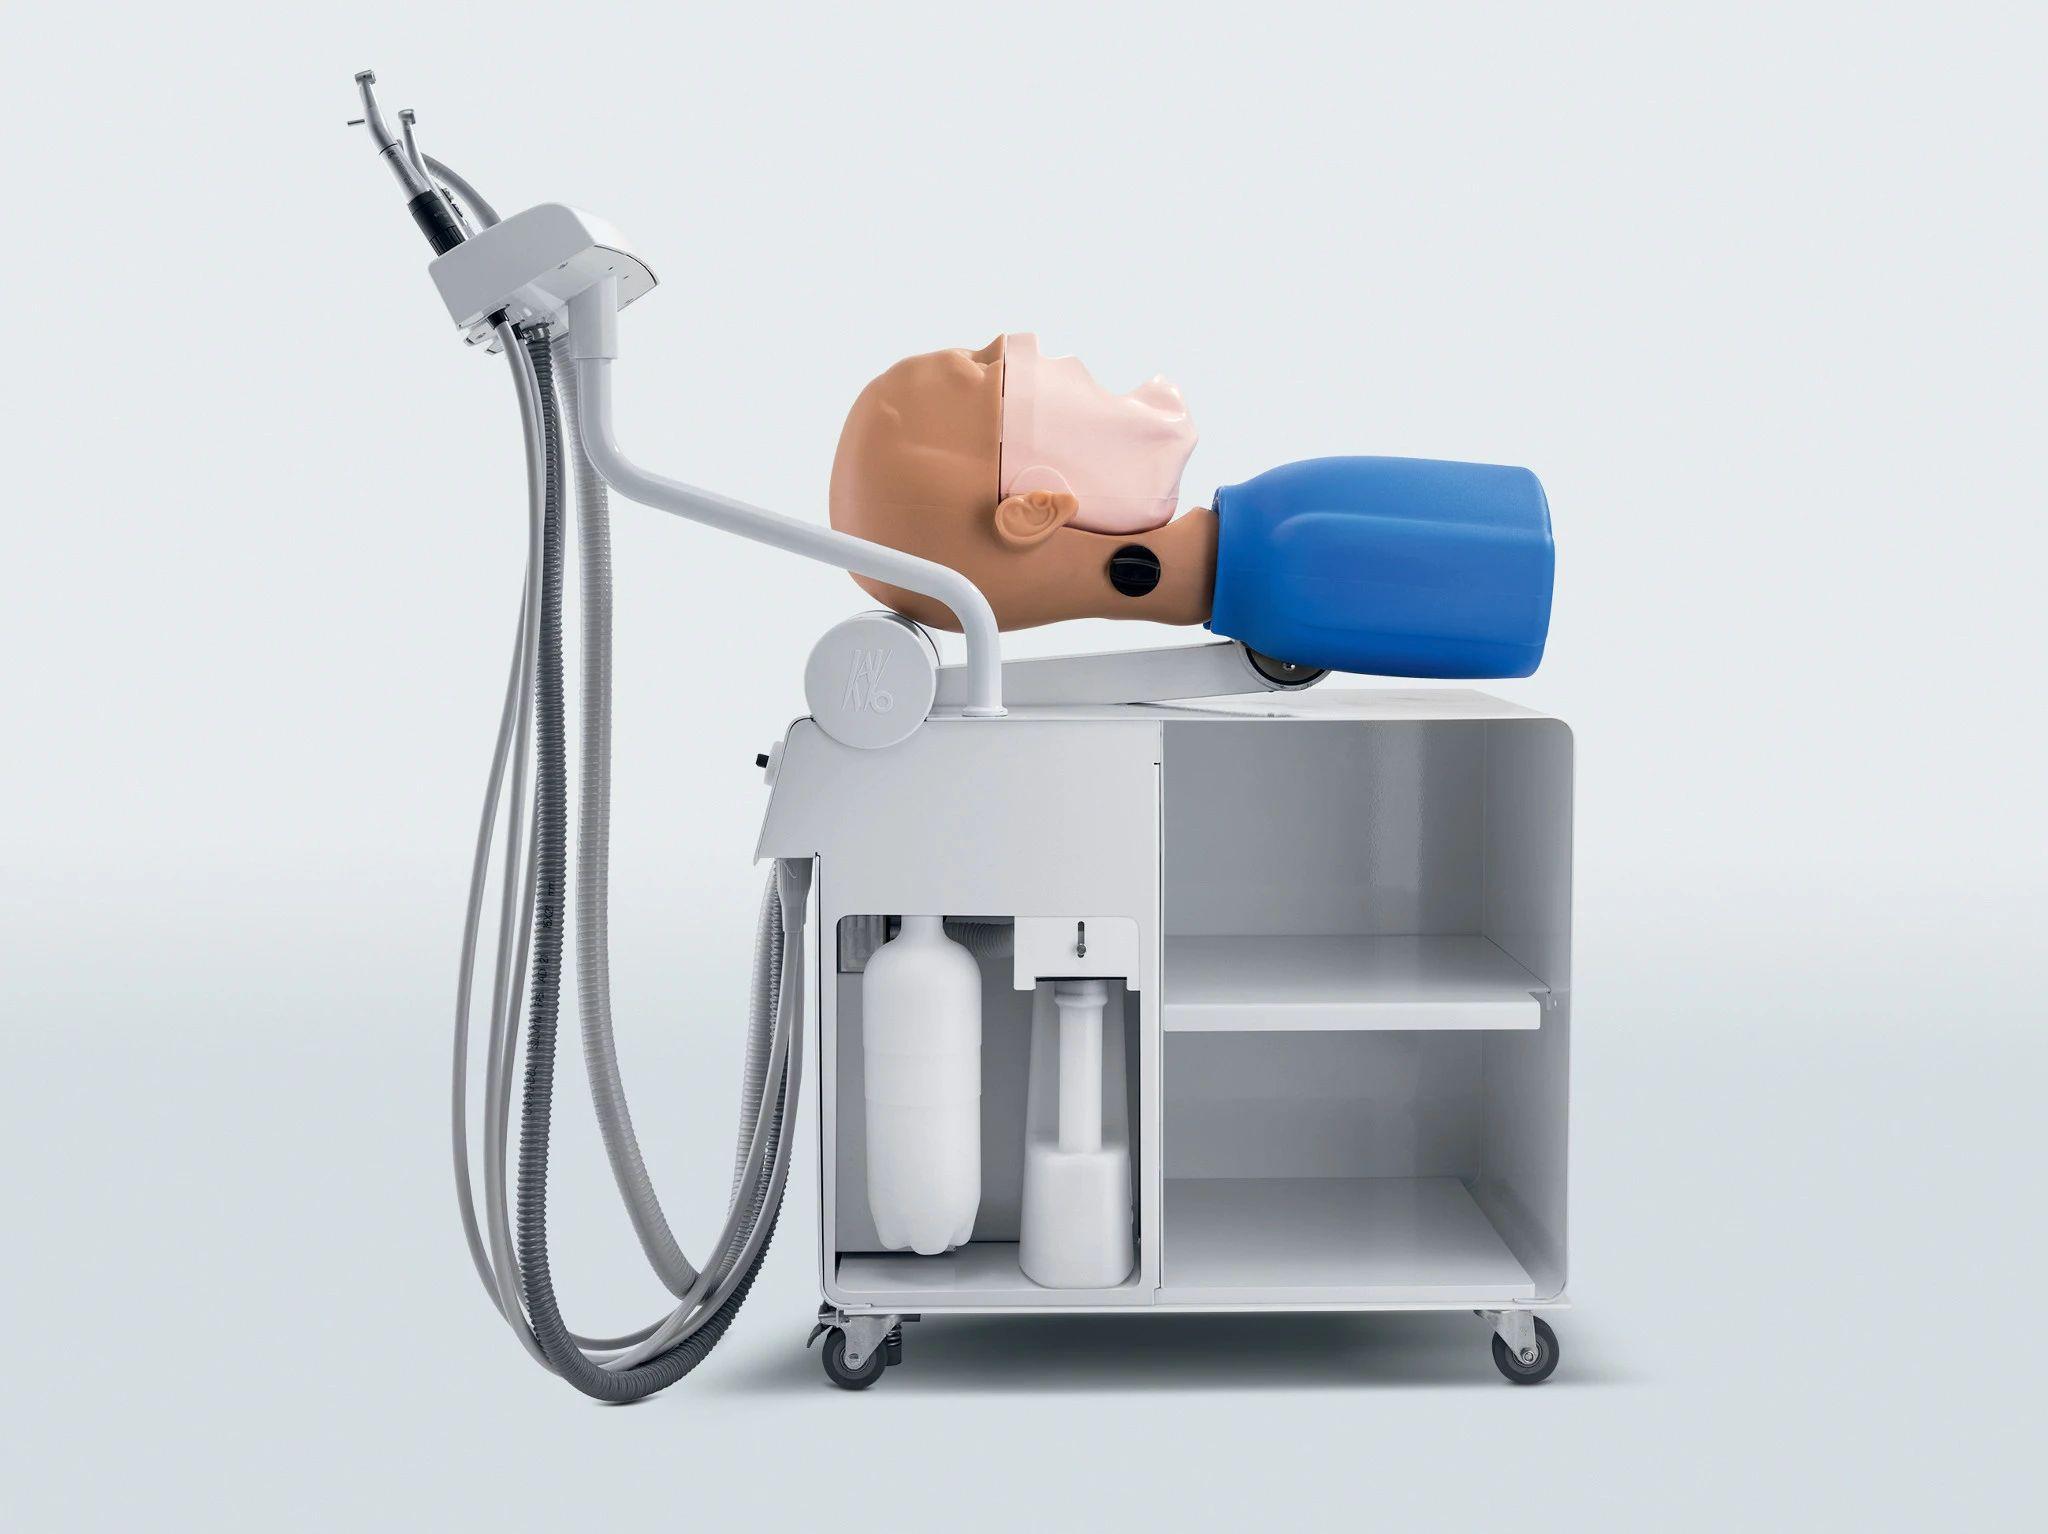 DSE Compact Unidades de simulación dental